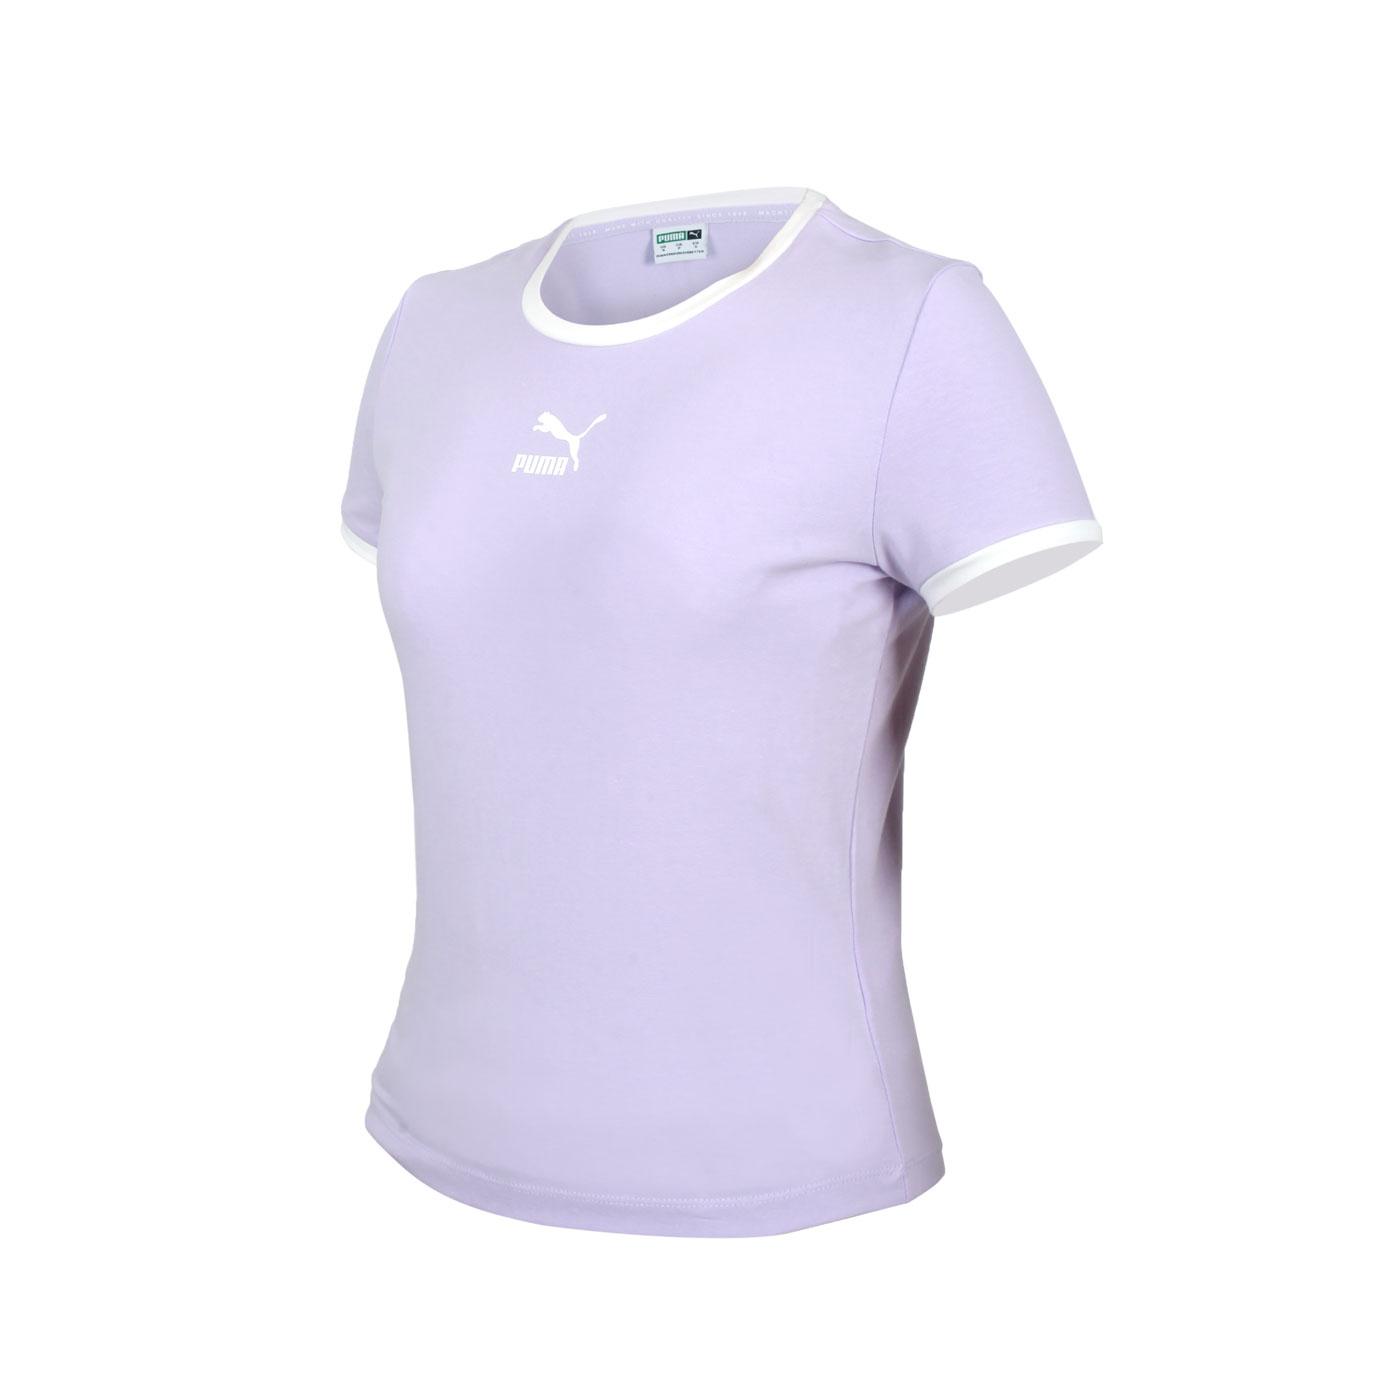 PUMA 女款貼身短袖T恤 59957716 - 粉紫白